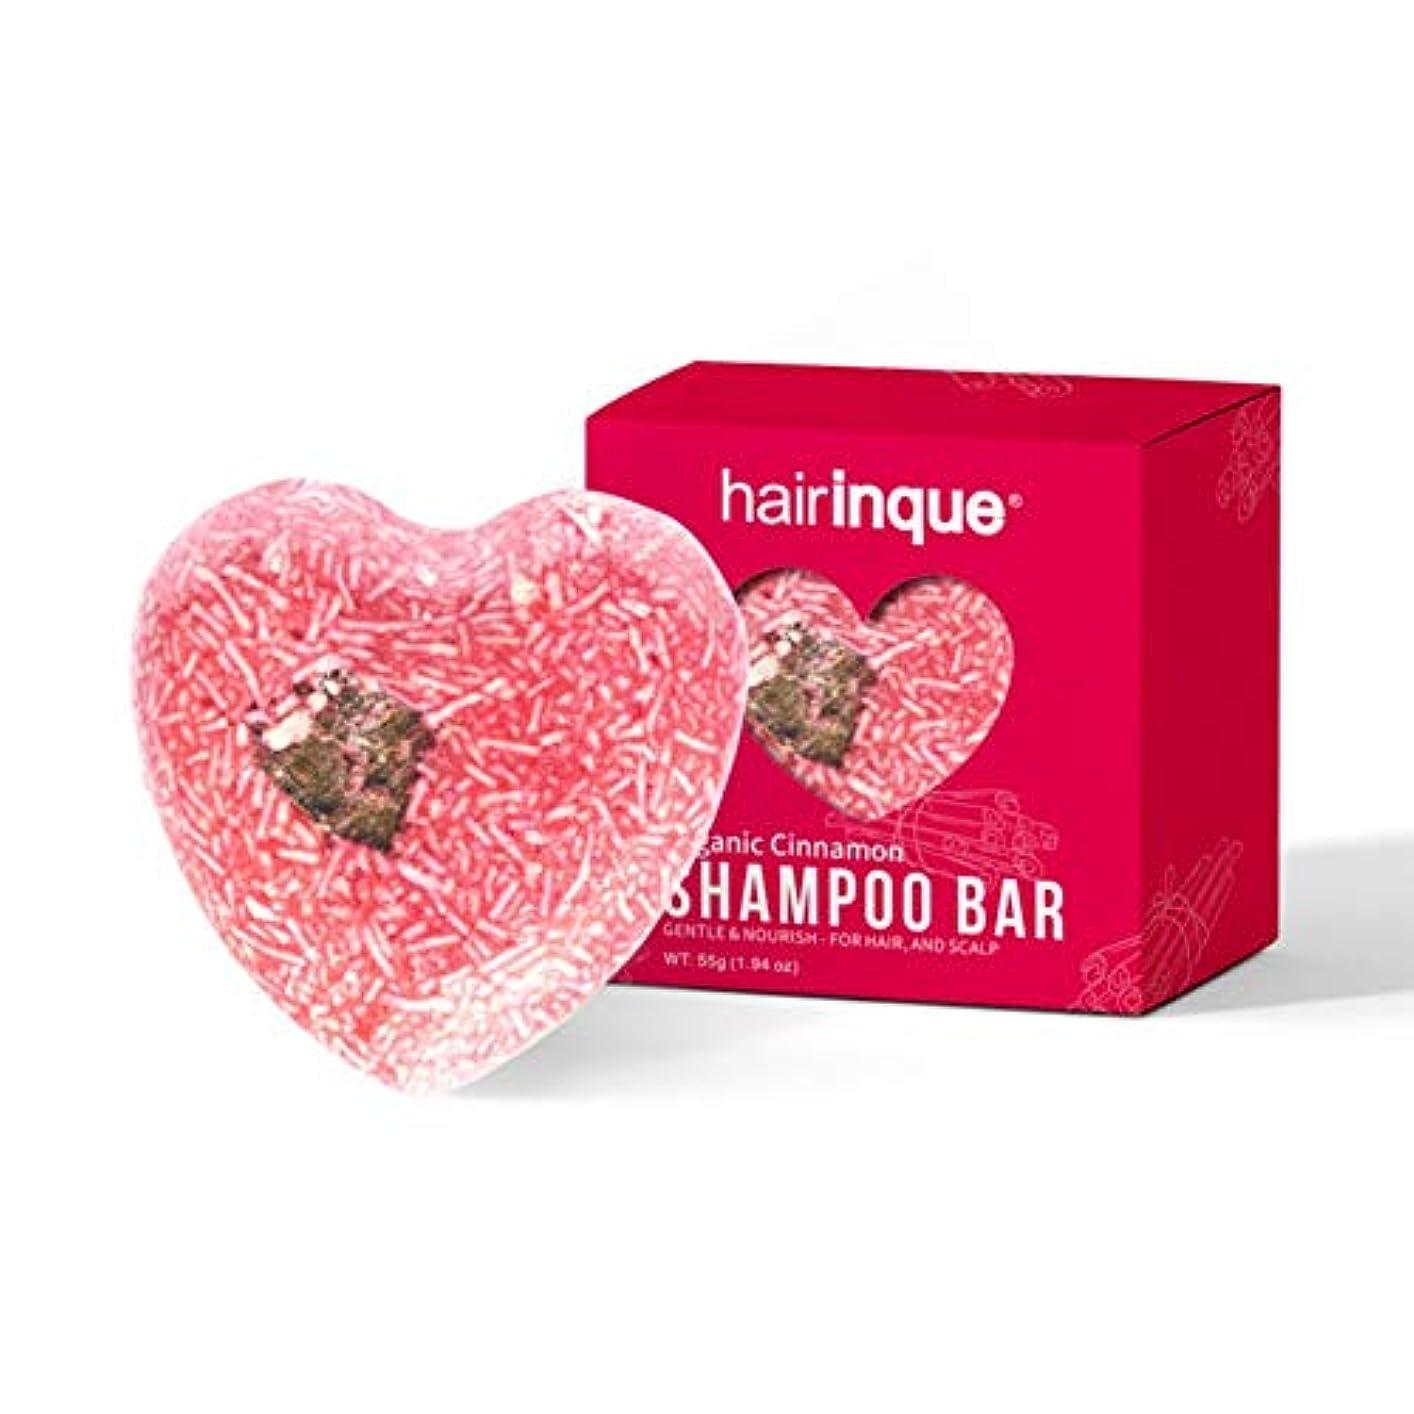 一般的に言えば失礼な反論者シャンプー シャンプー石鹸 栄養 脱毛 シャンプーソープ 天然成分 化学薬品防腐剤なし シャンプーソープ ヘアケア Cutelove